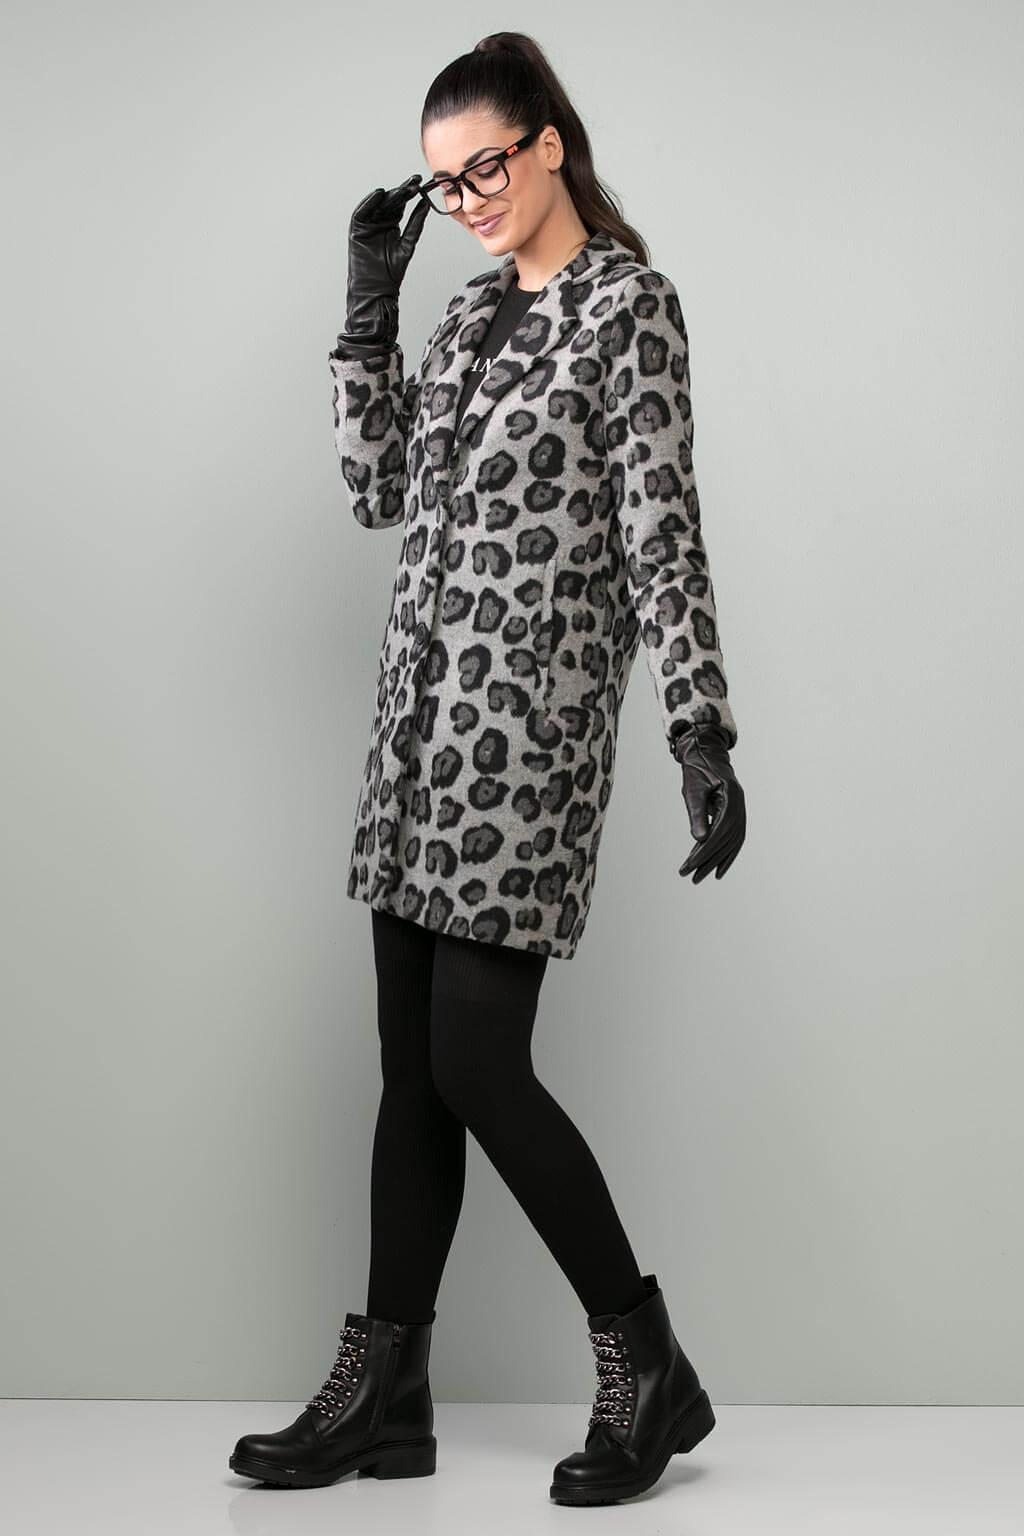 7f649c4ea43e Anel Fashion 2019 | Προσφορές Anel Φορεματα – Φούστες – Μπλούζες έως ...